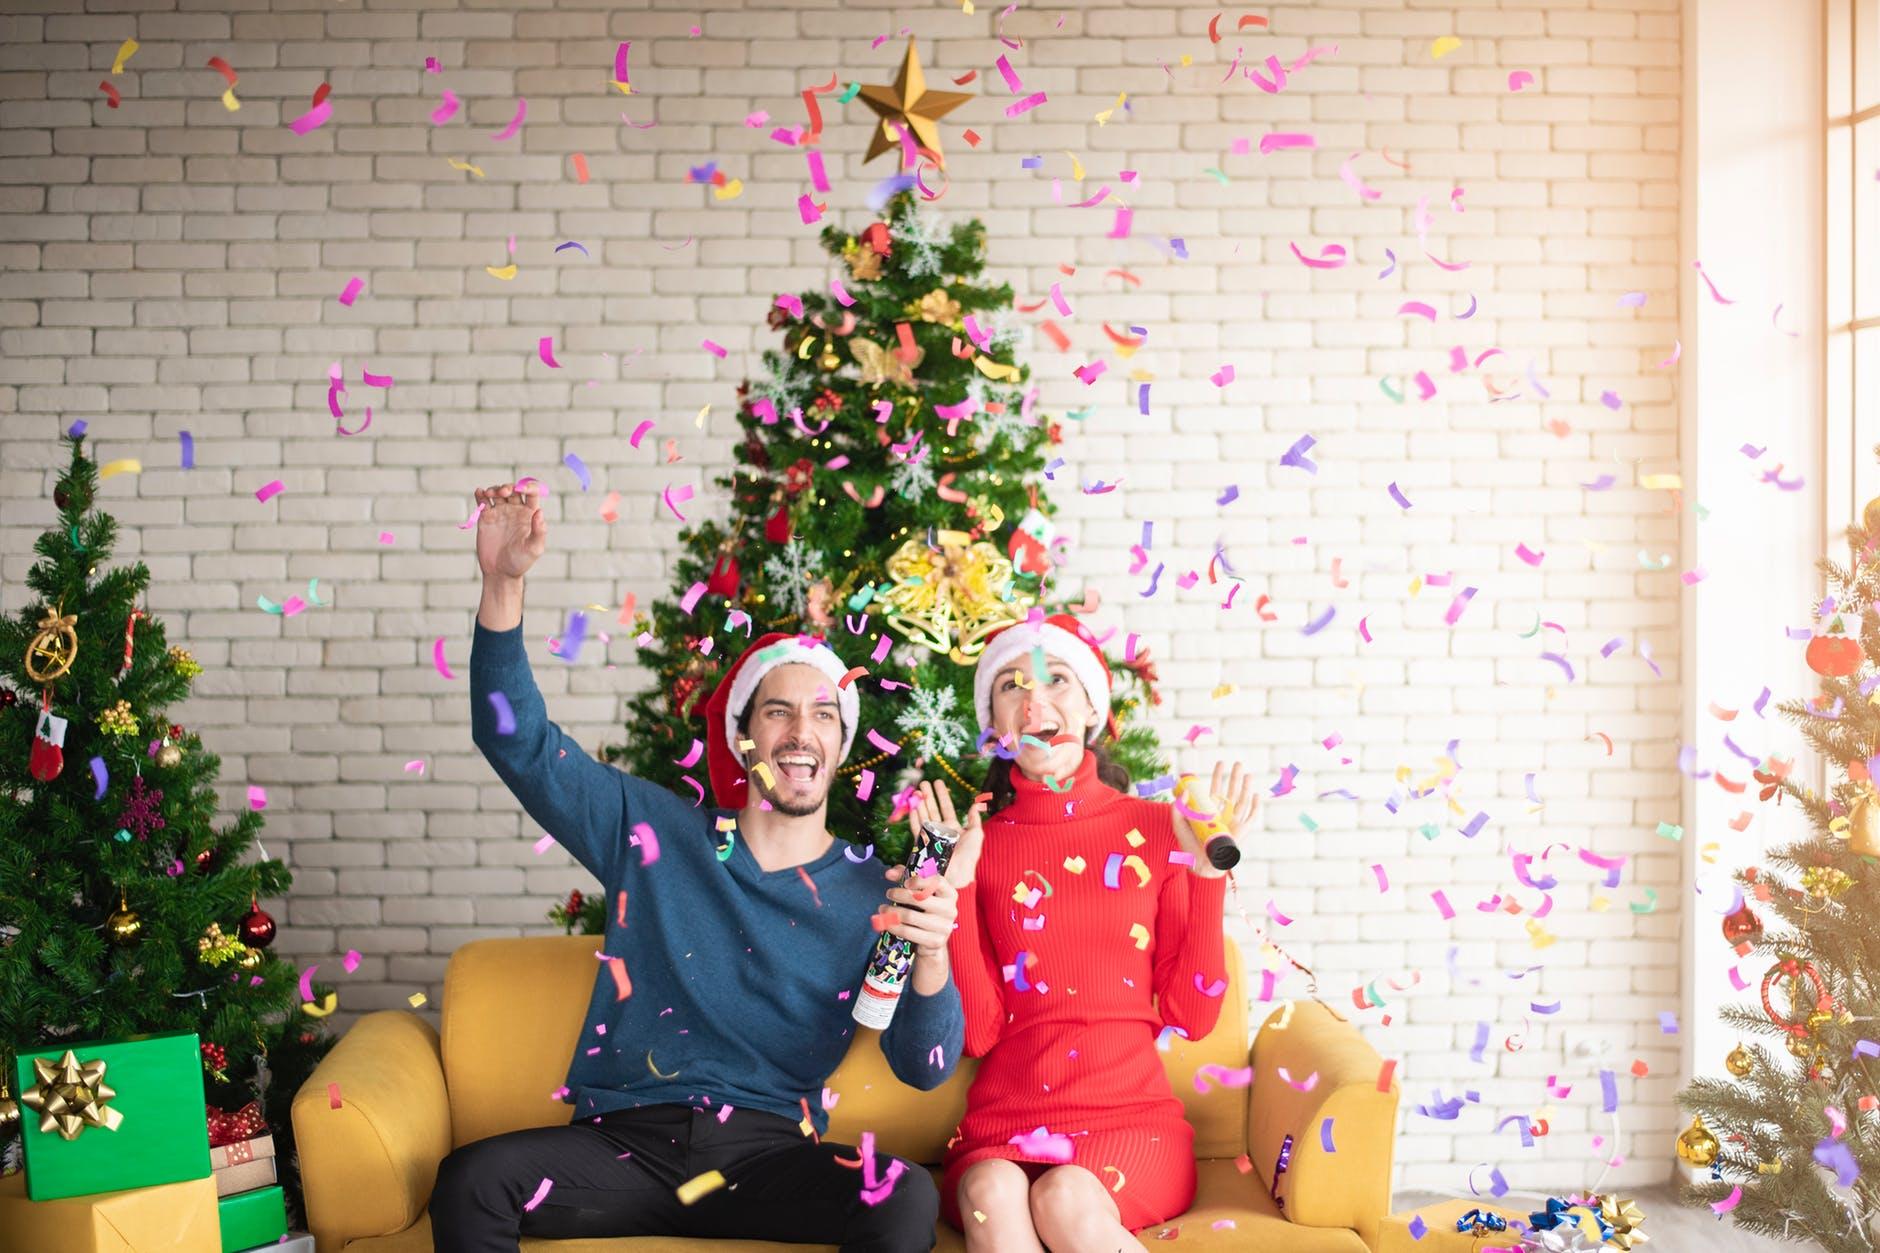 Je ne sais pas faire de cadeaux… Ah bon ? Voici 8 idées originales pour votre homme à Noël !